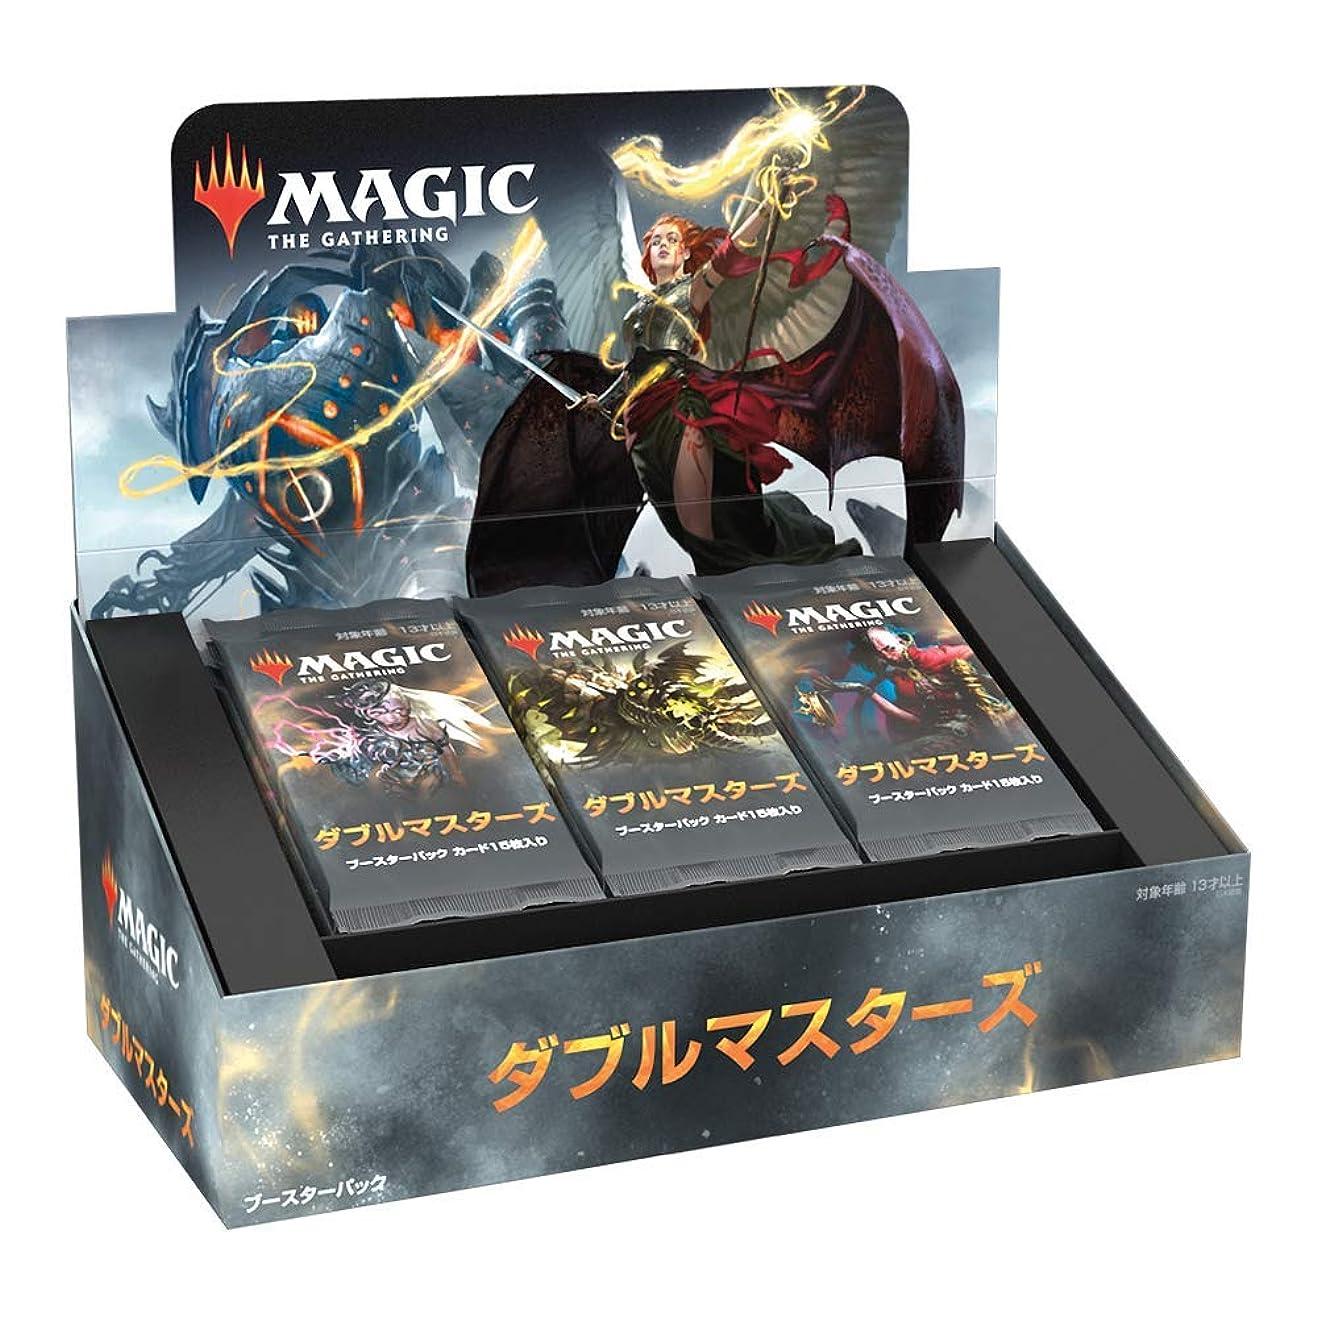 しばしばバスケットボールスタジオMTG マジック:ザ?ギャザリング ダブルマスターズ ブースターパック 日本語版 24パック入り (BOX)